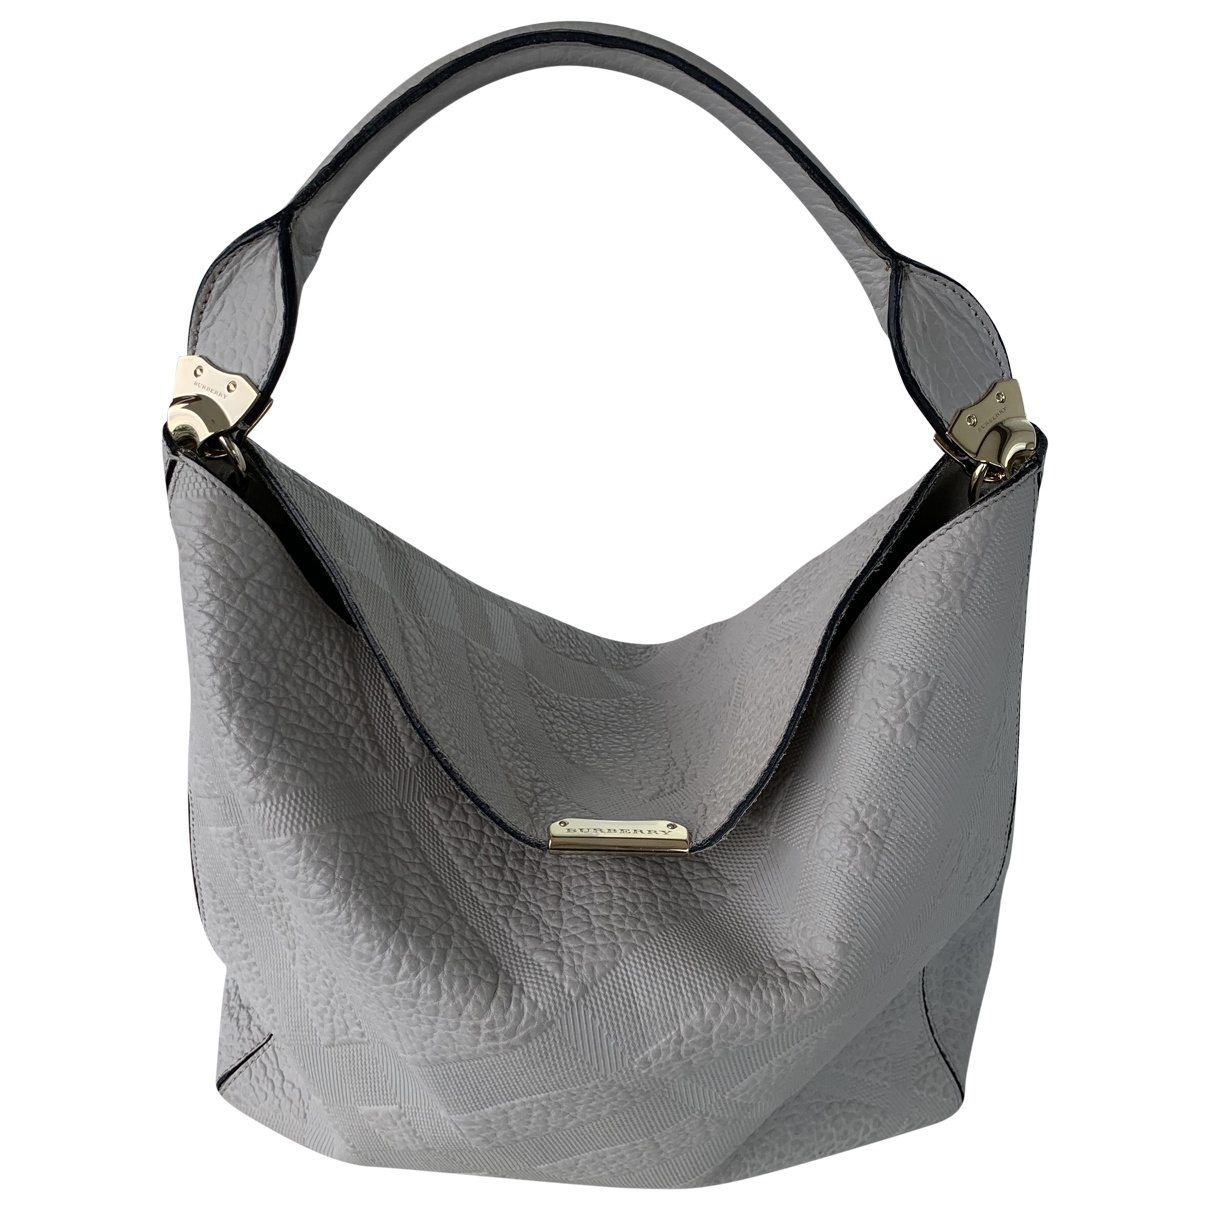 Burberry - Sac a main   pour femme en cuir - gris